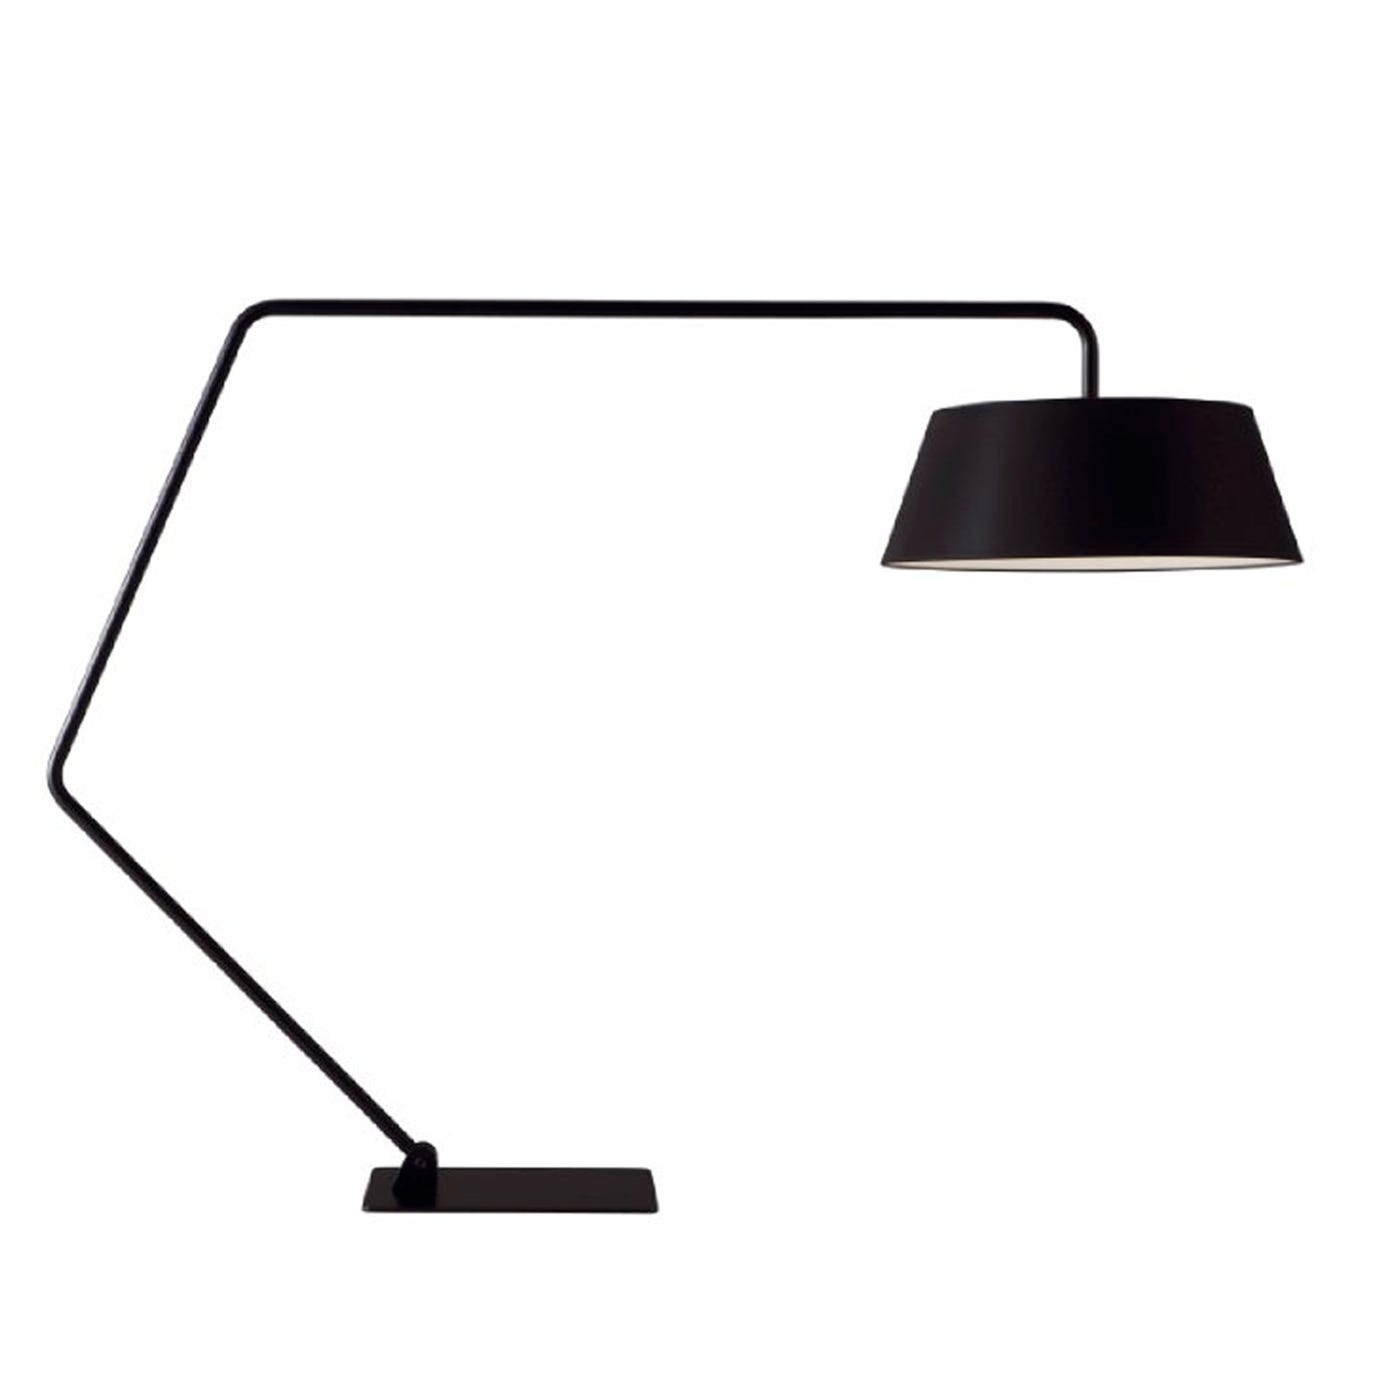 Bul Floor Standard Lamp